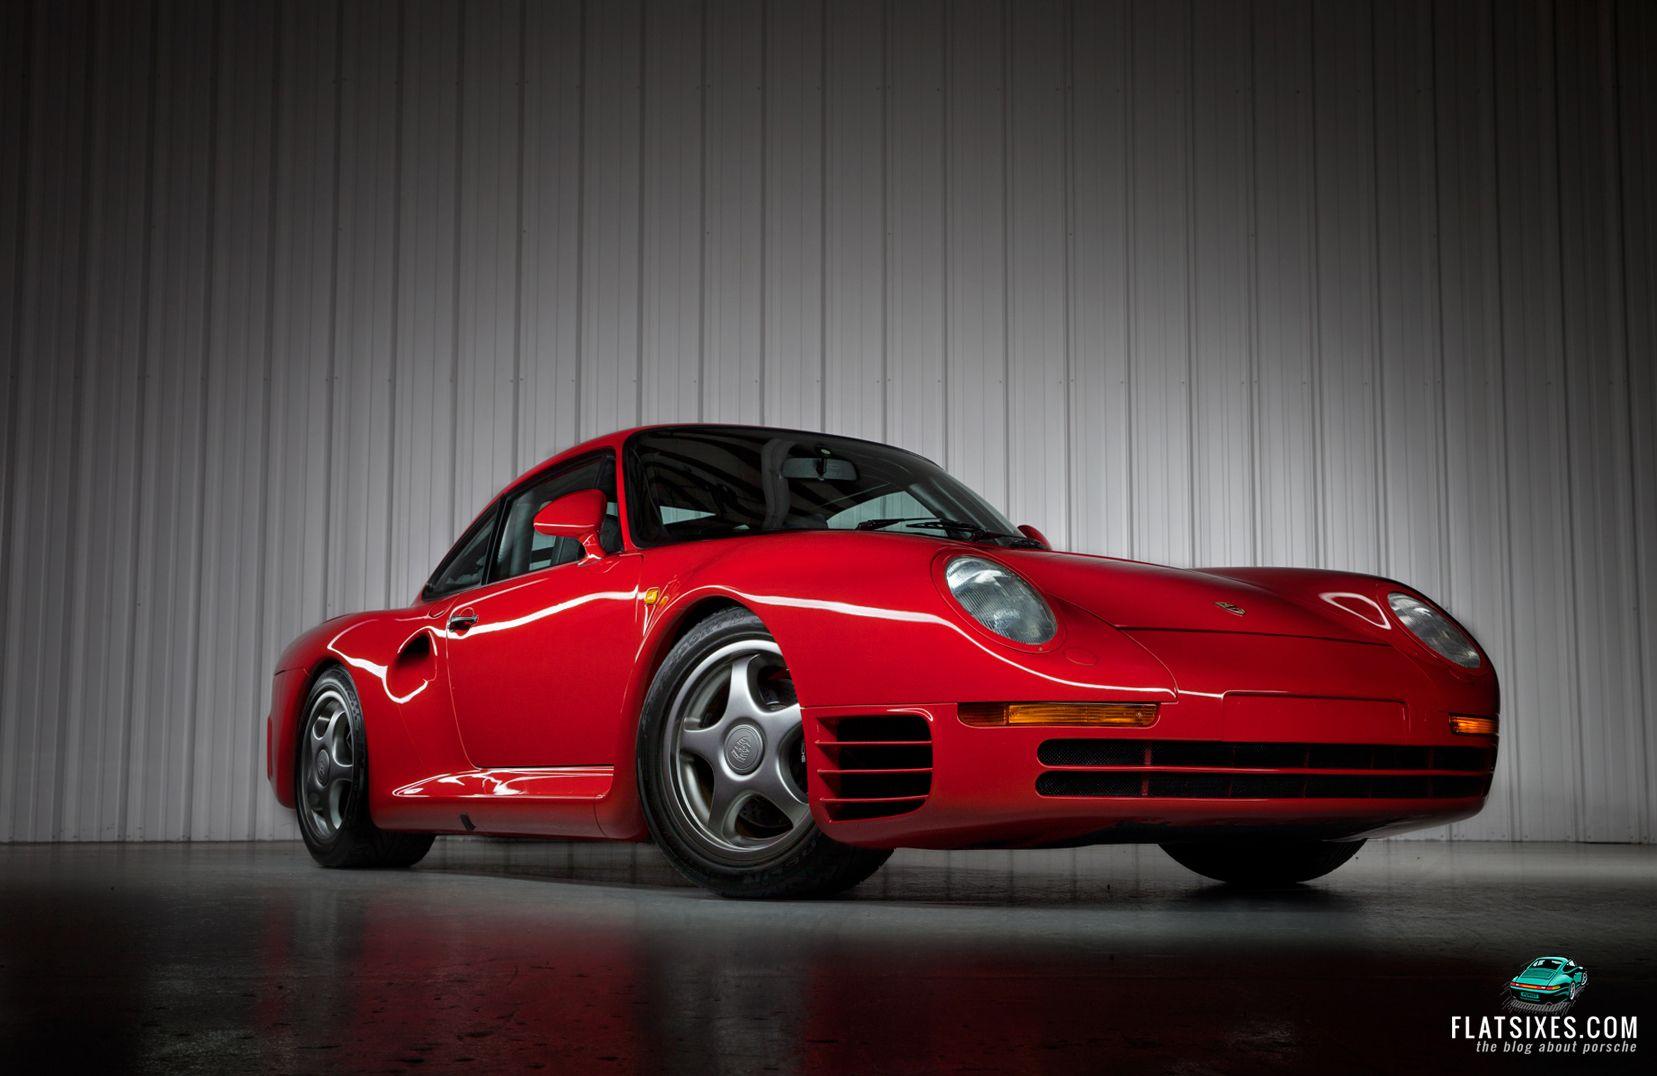 Gooding Showcases a Porsche 959 S for Sale